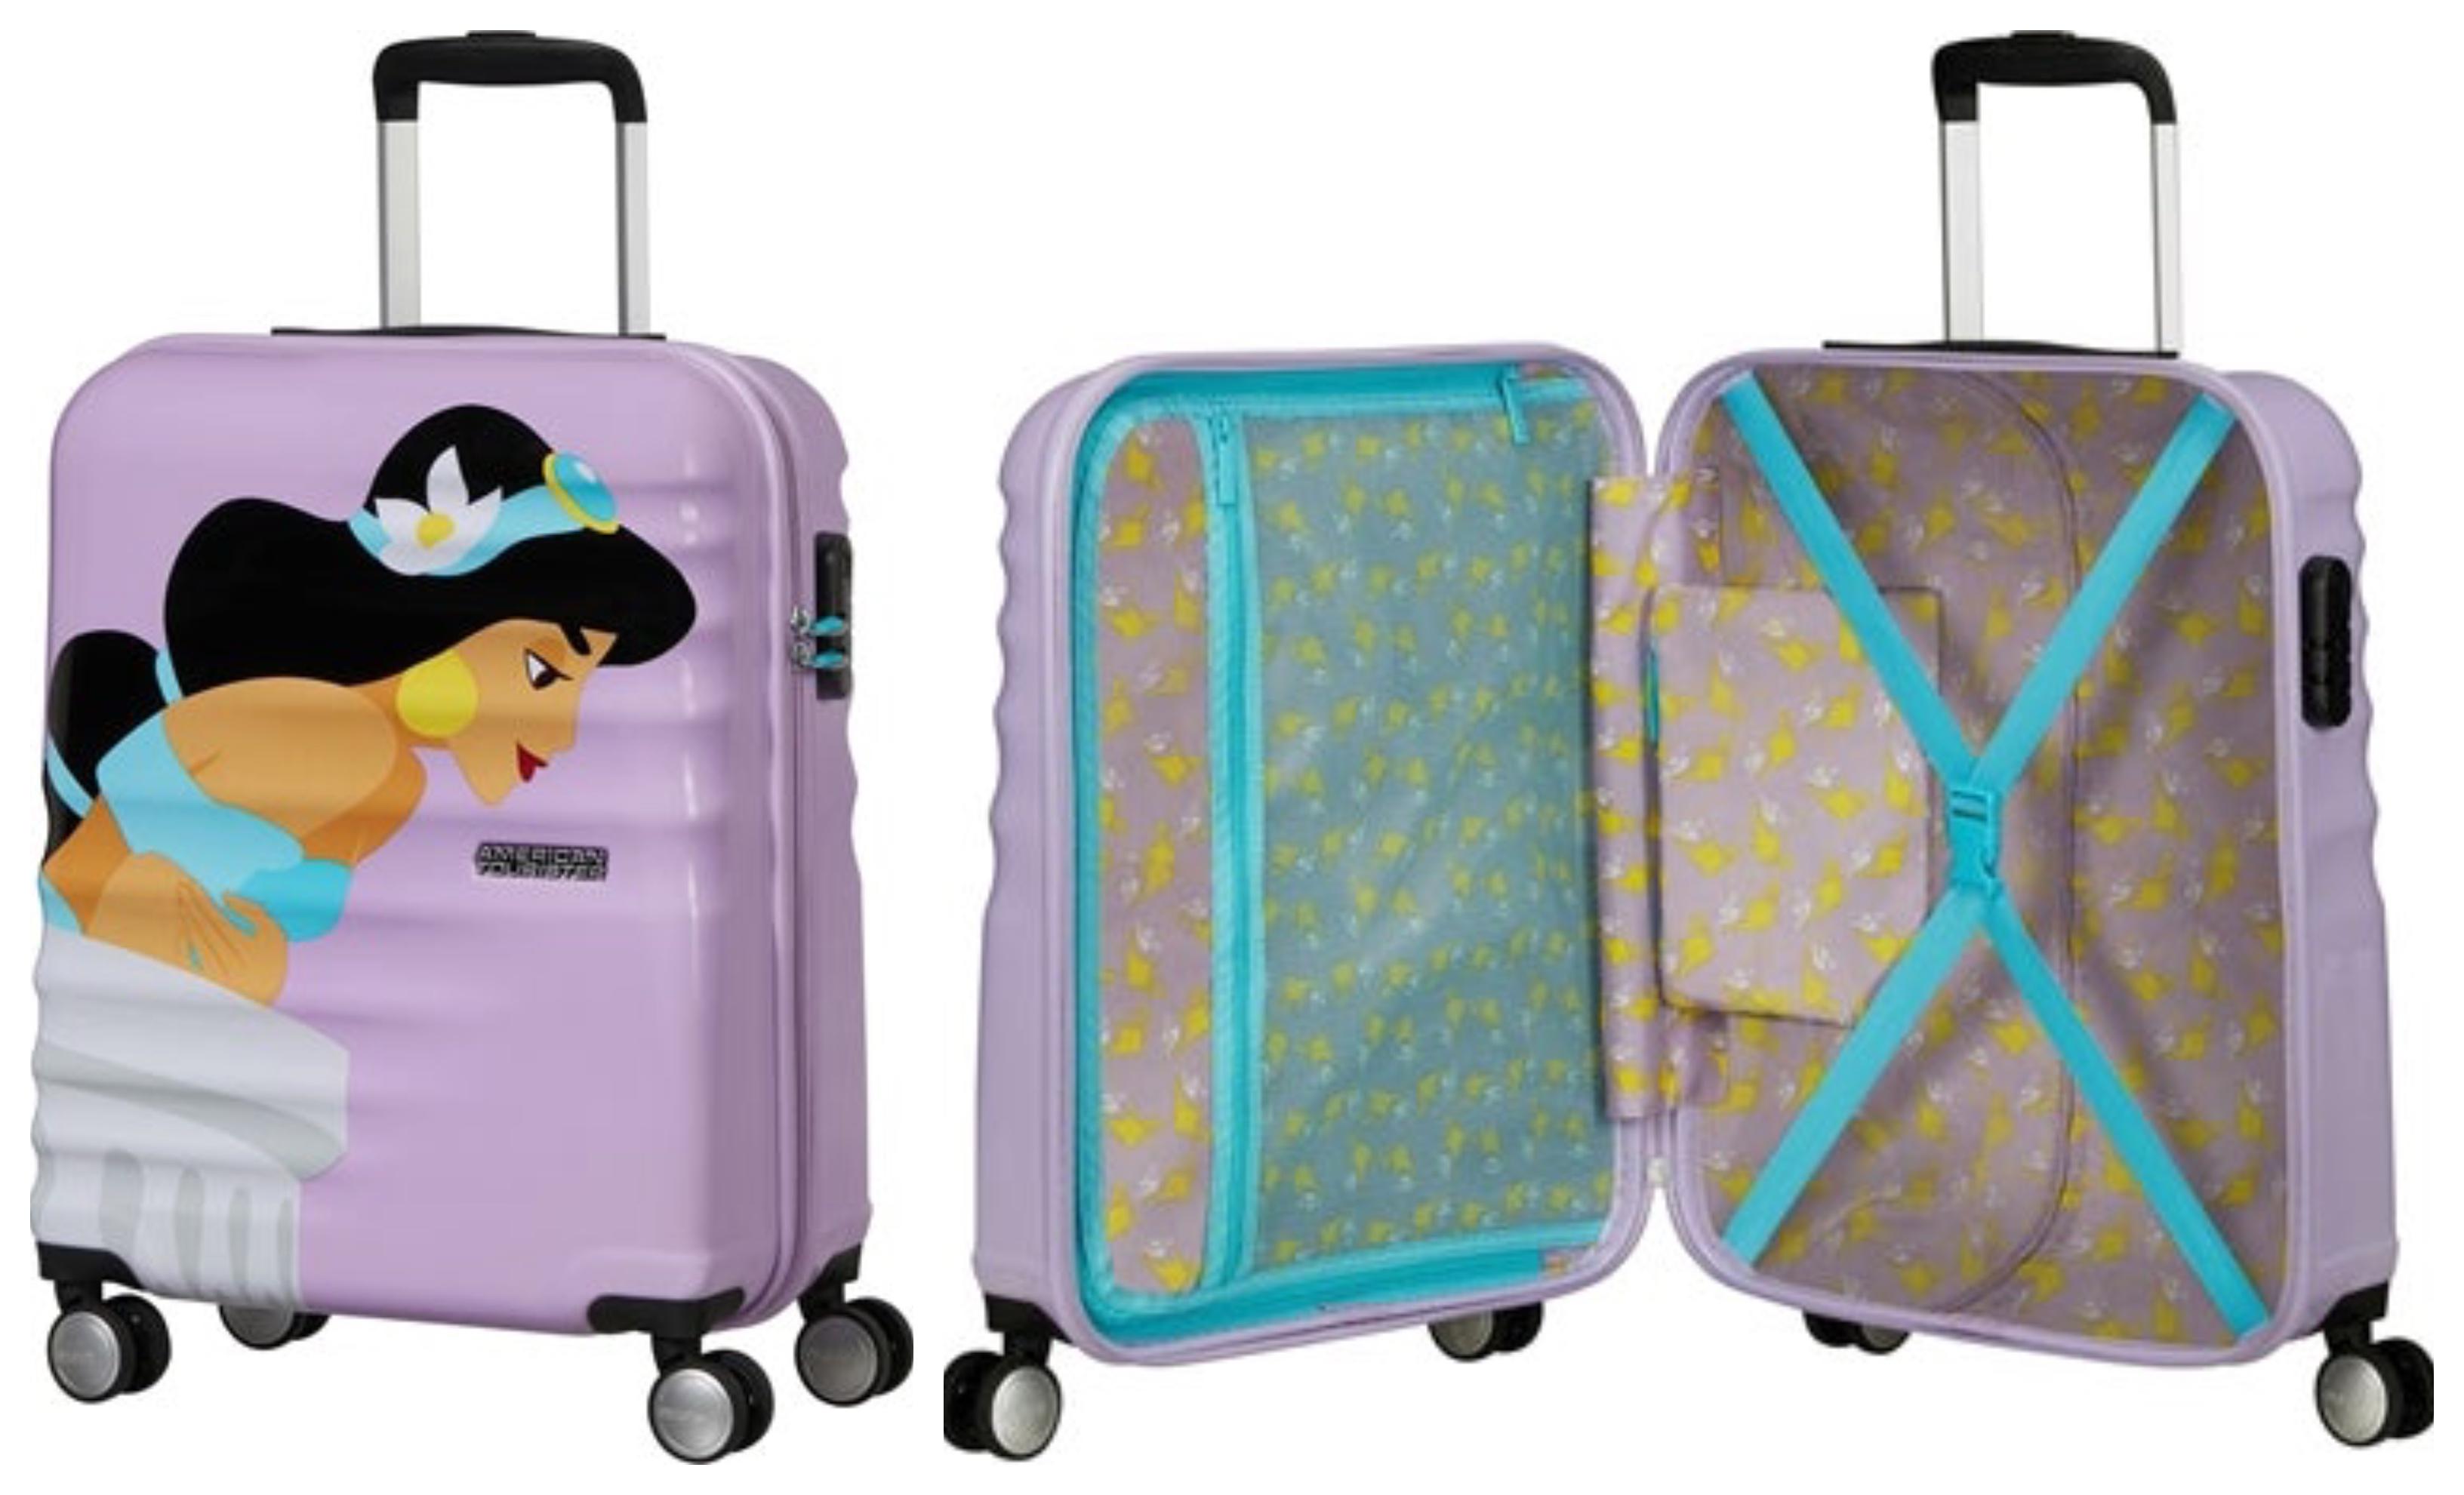 Disney jasmin kabinekuffert - Disney prinsesse kuffert